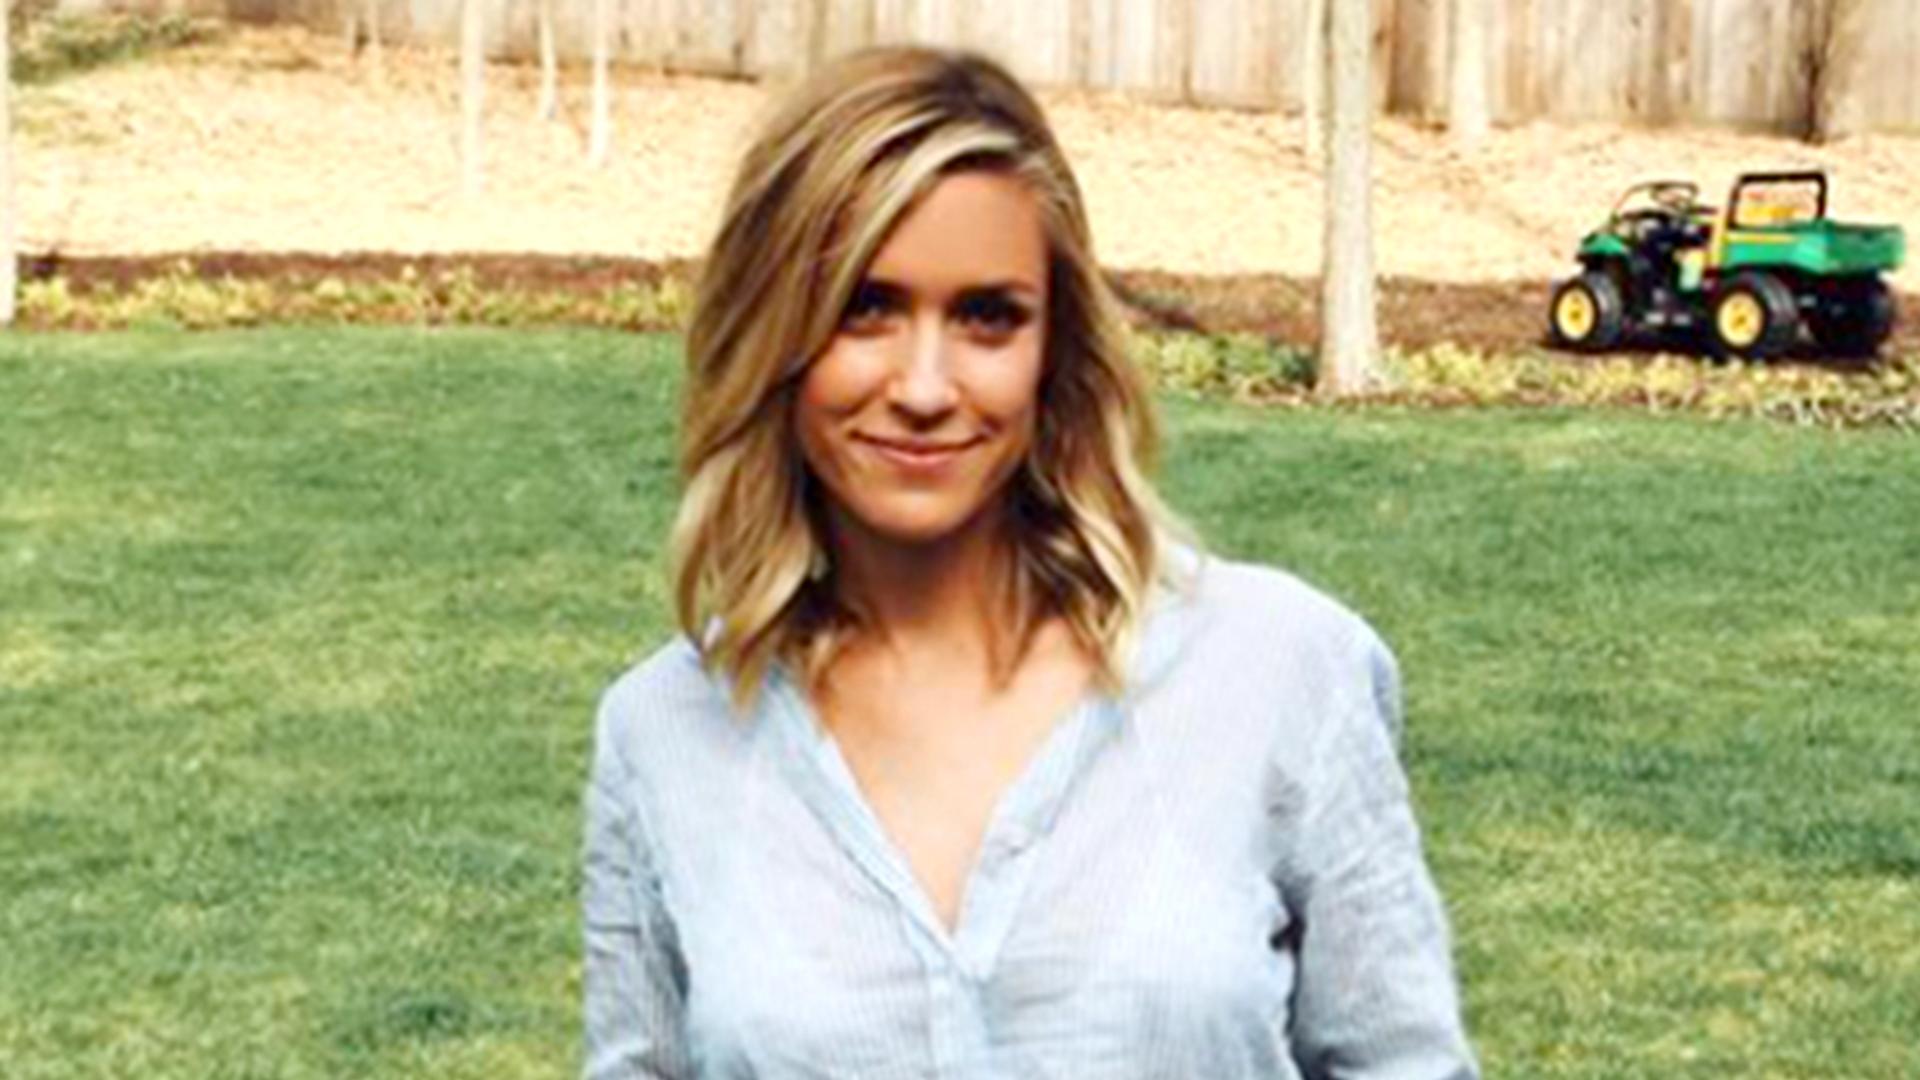 Kristin cavallari due date in Sydney